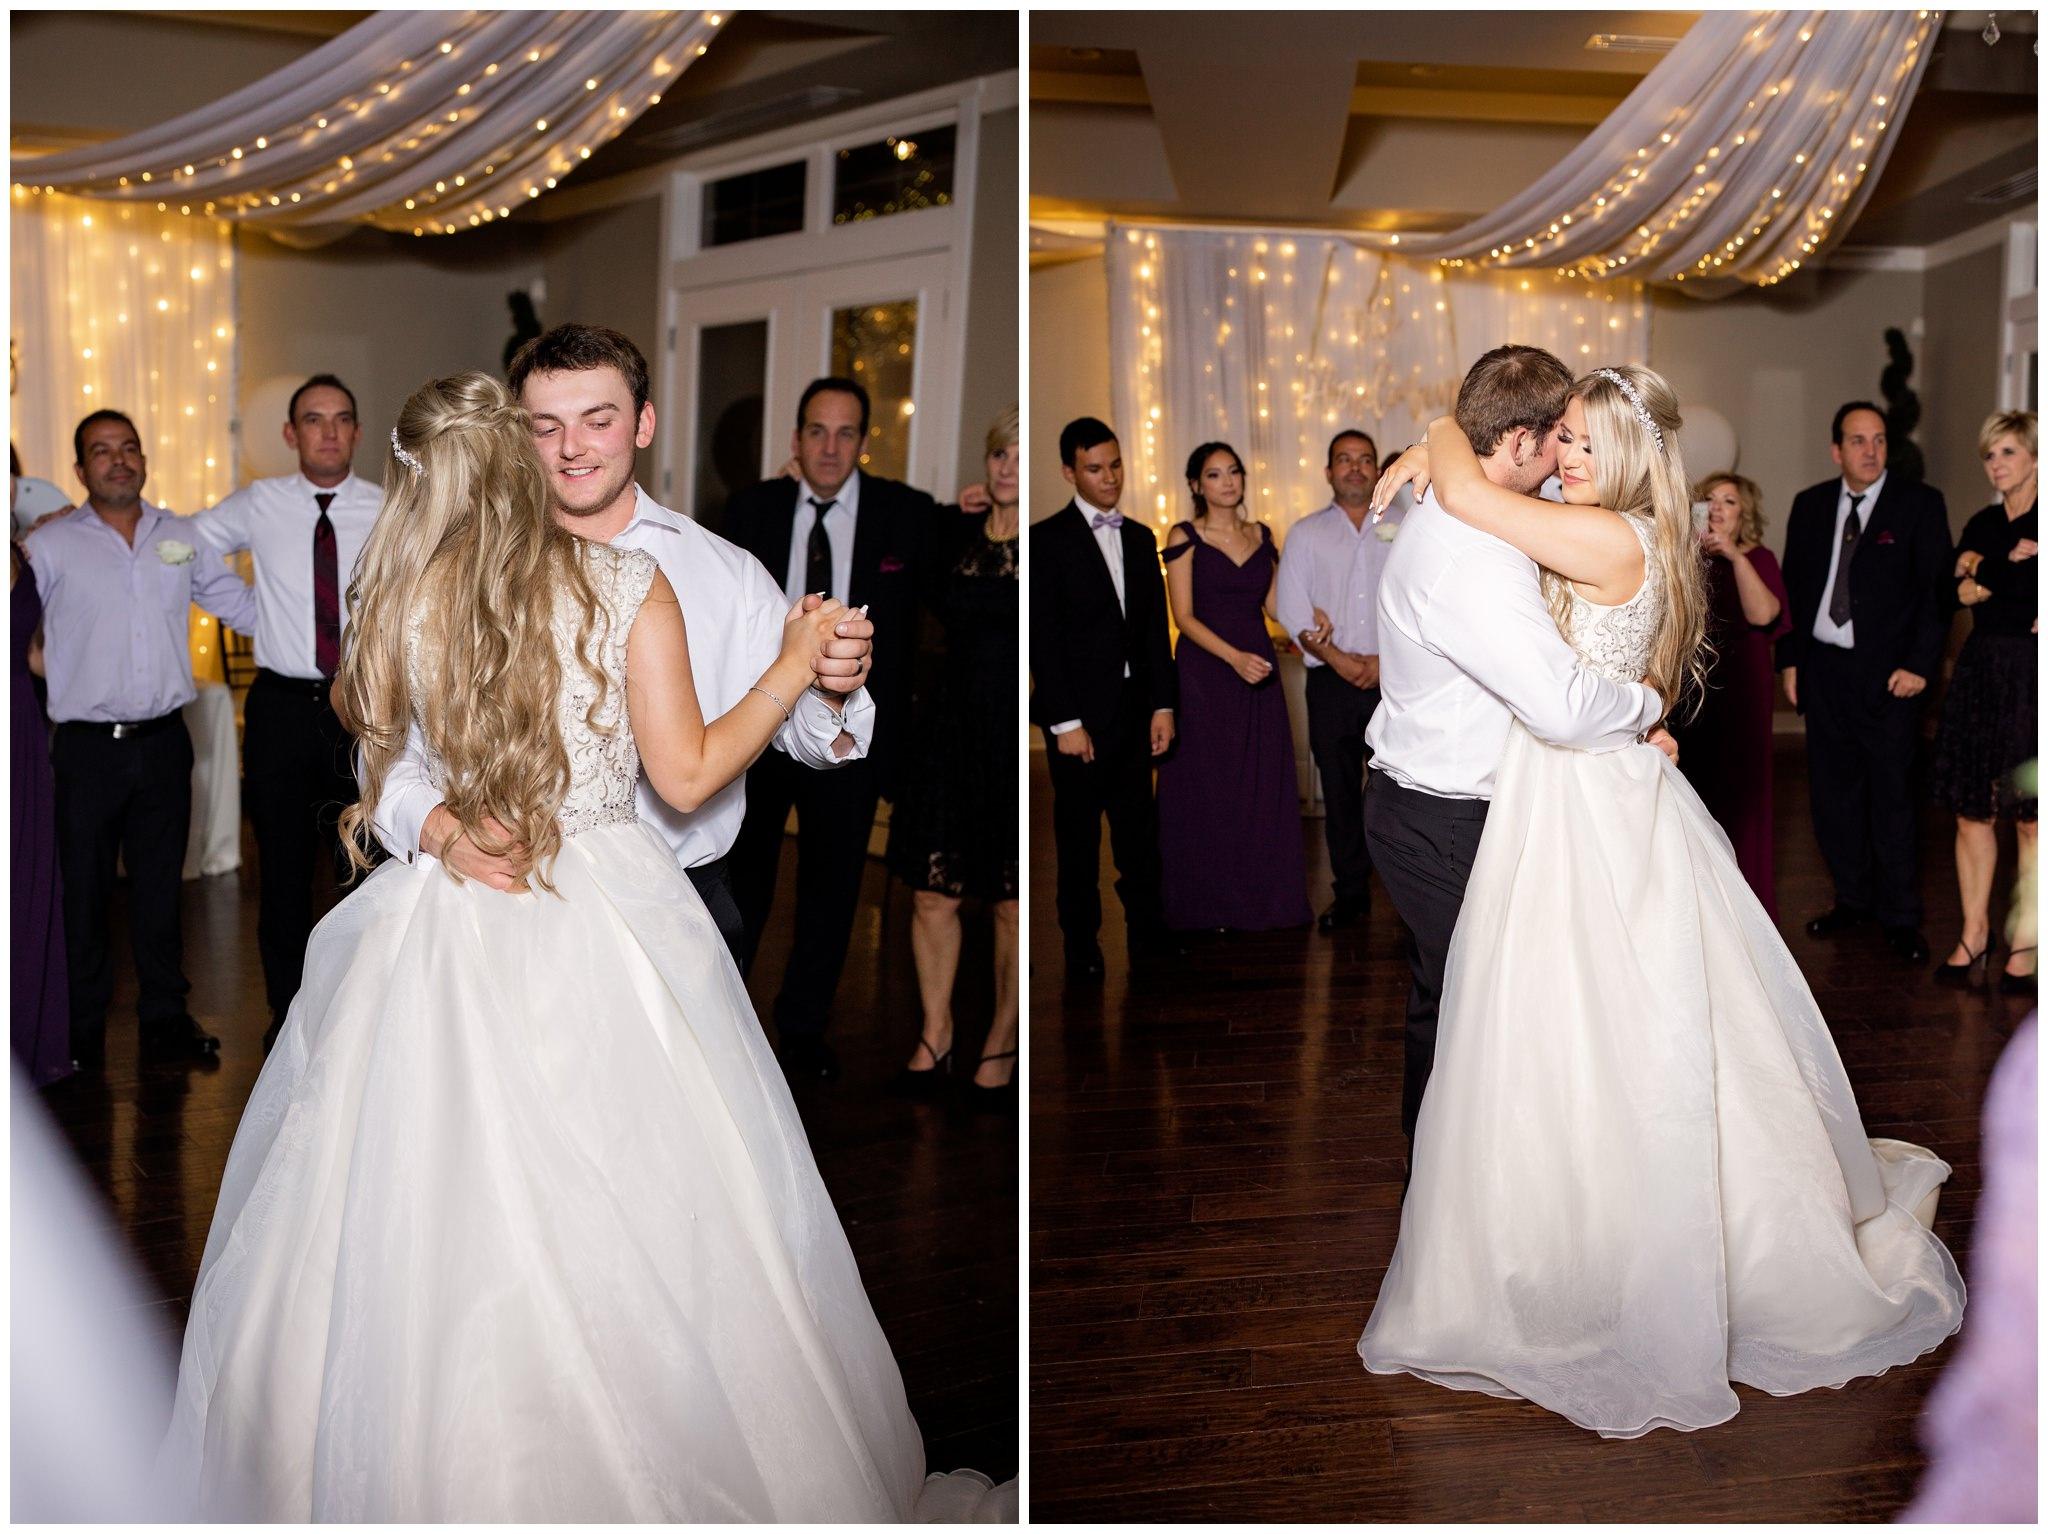 last dance for Bride and groom in Utah